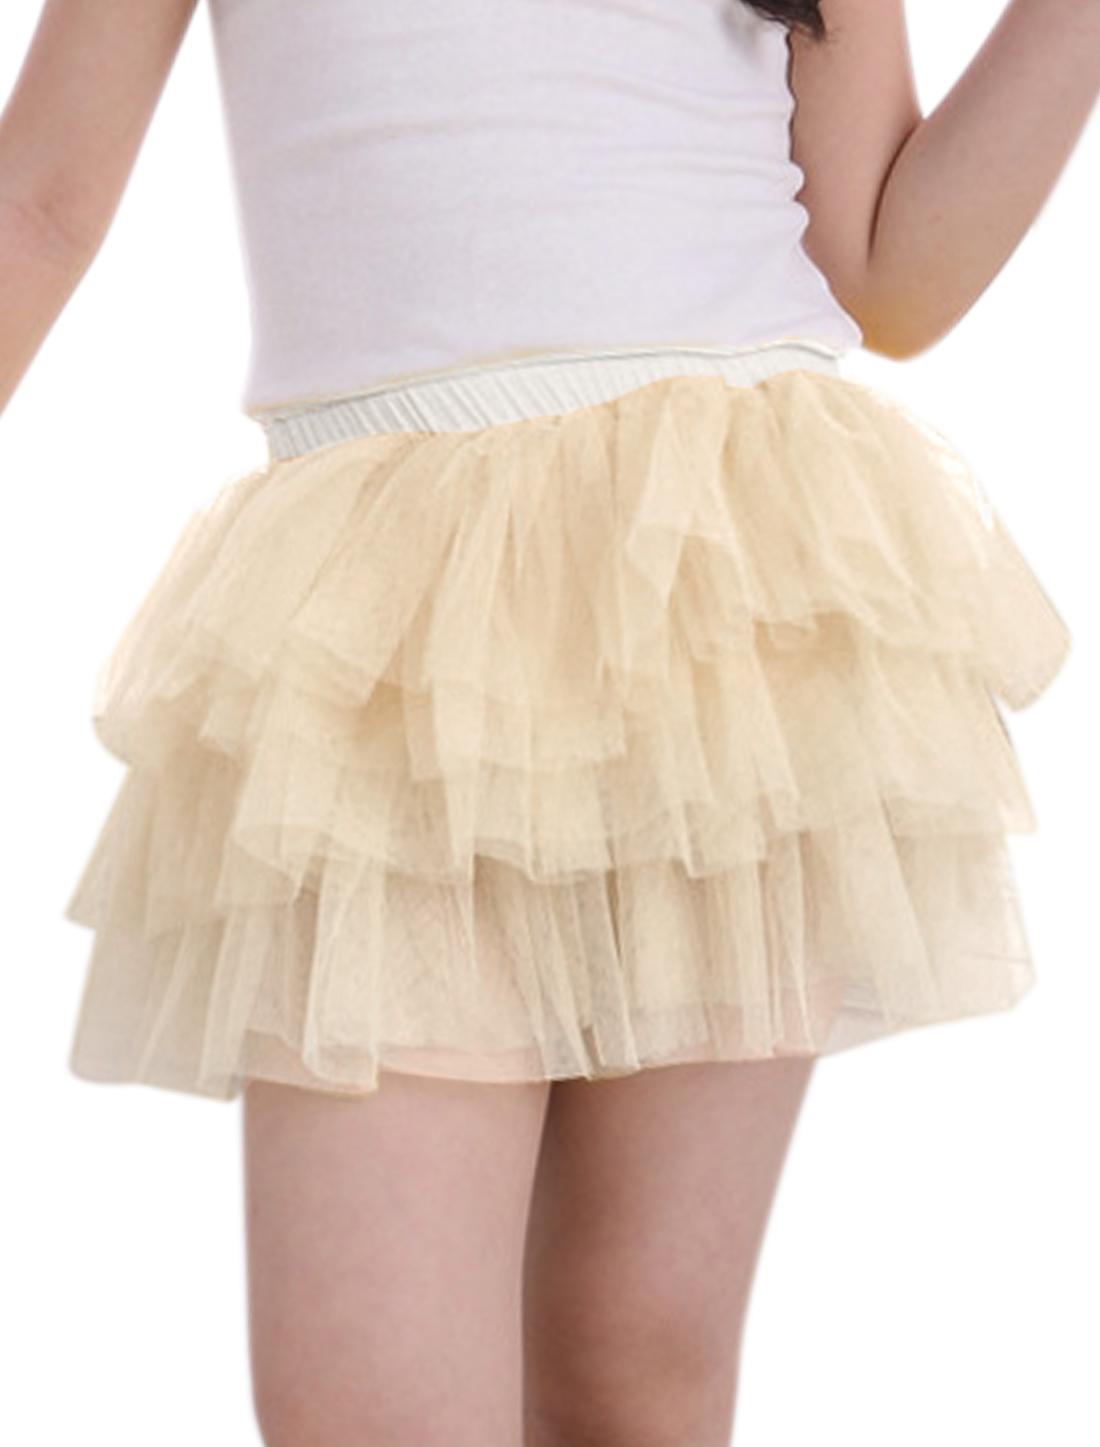 Girls Elastic Waist Mesh Panel Tiered A Line Skirt Beige 3T